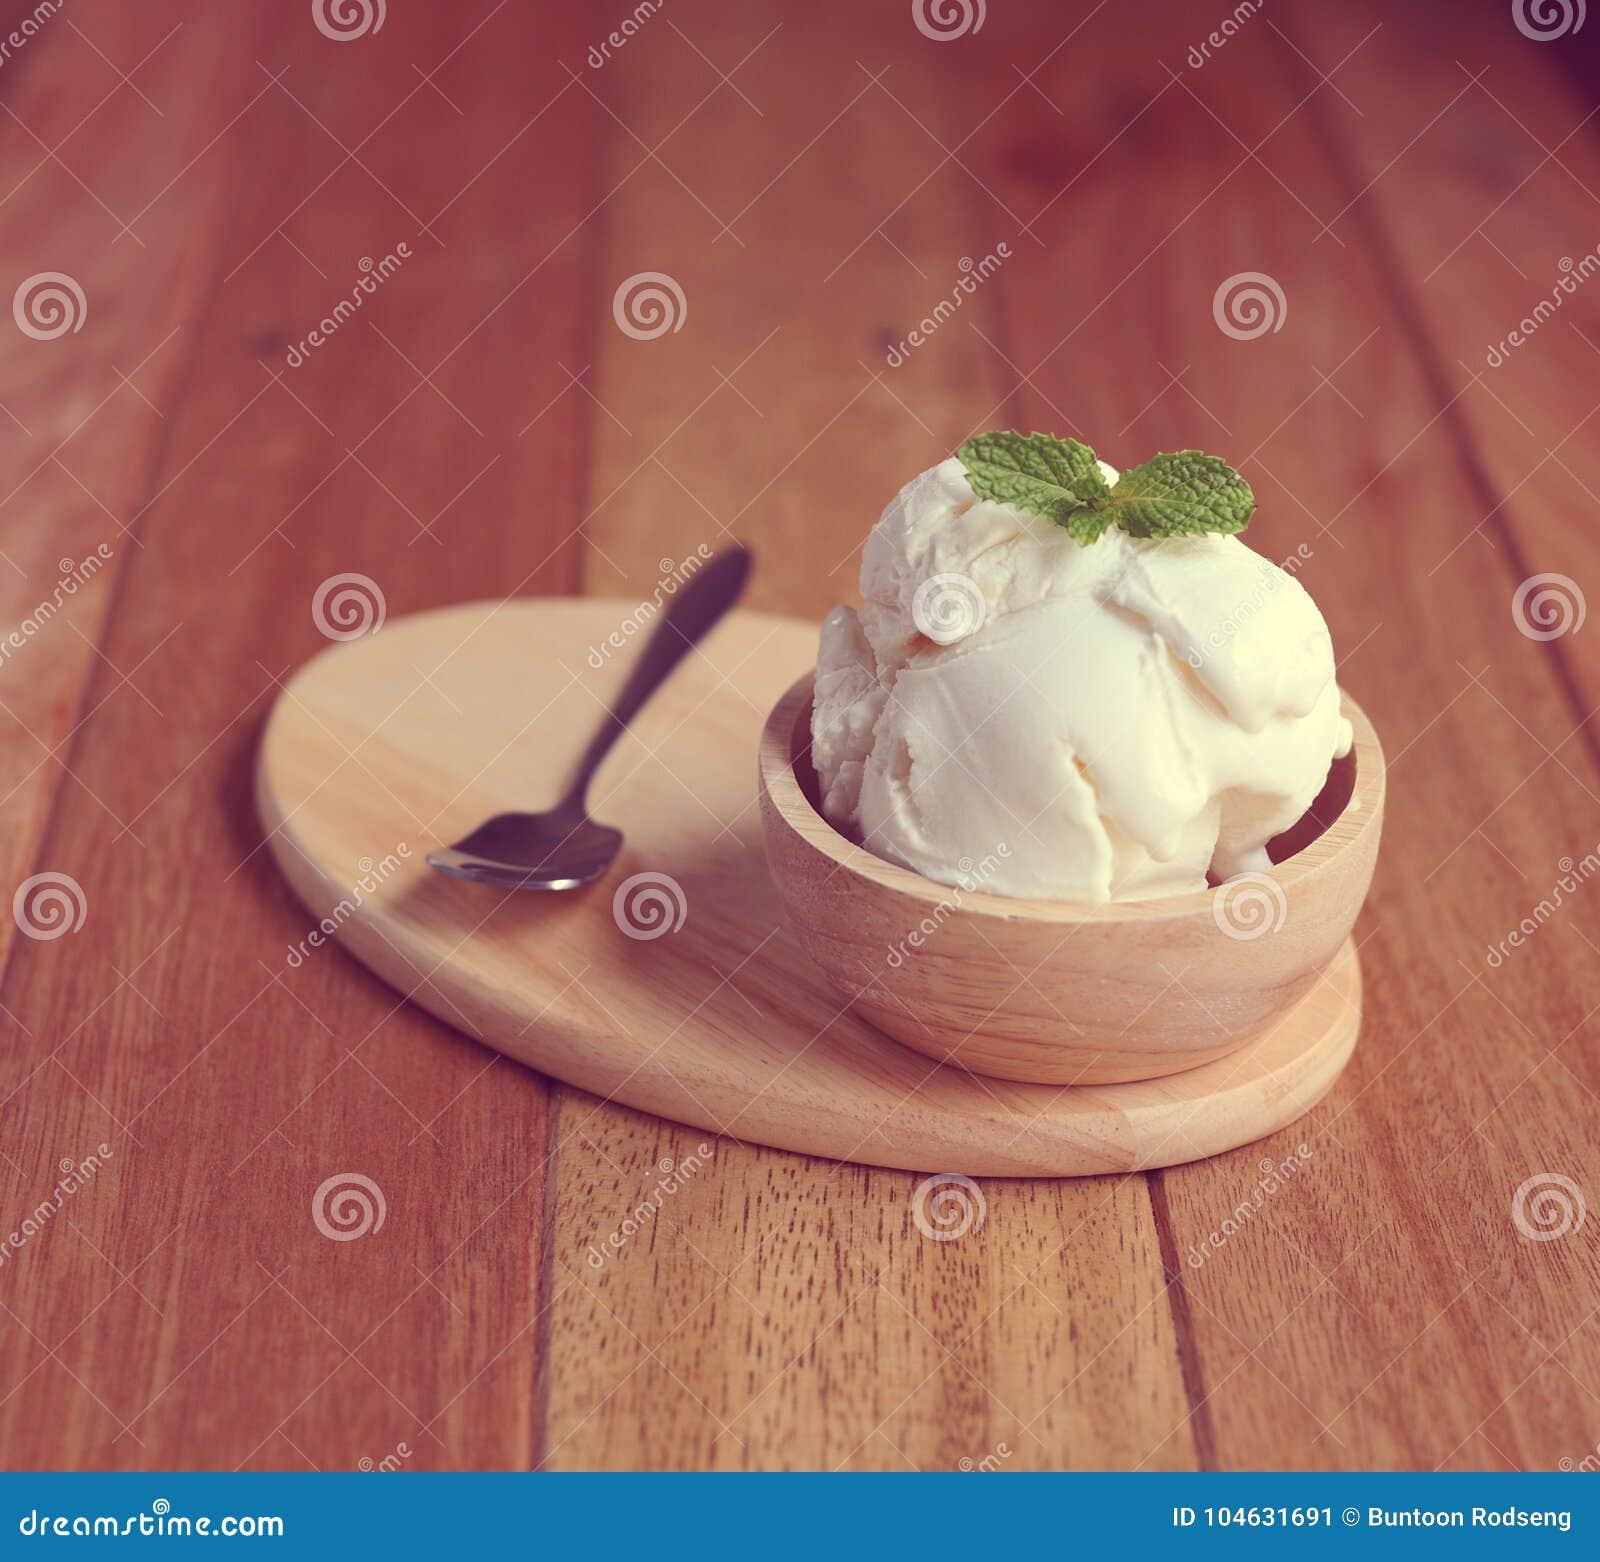 Download Vanilleroomijs Met Munt In Kom Eigengemaakt Biologisch Product Stock Afbeelding - Afbeelding bestaande uit gastronomisch, eigengemaakt: 104631691